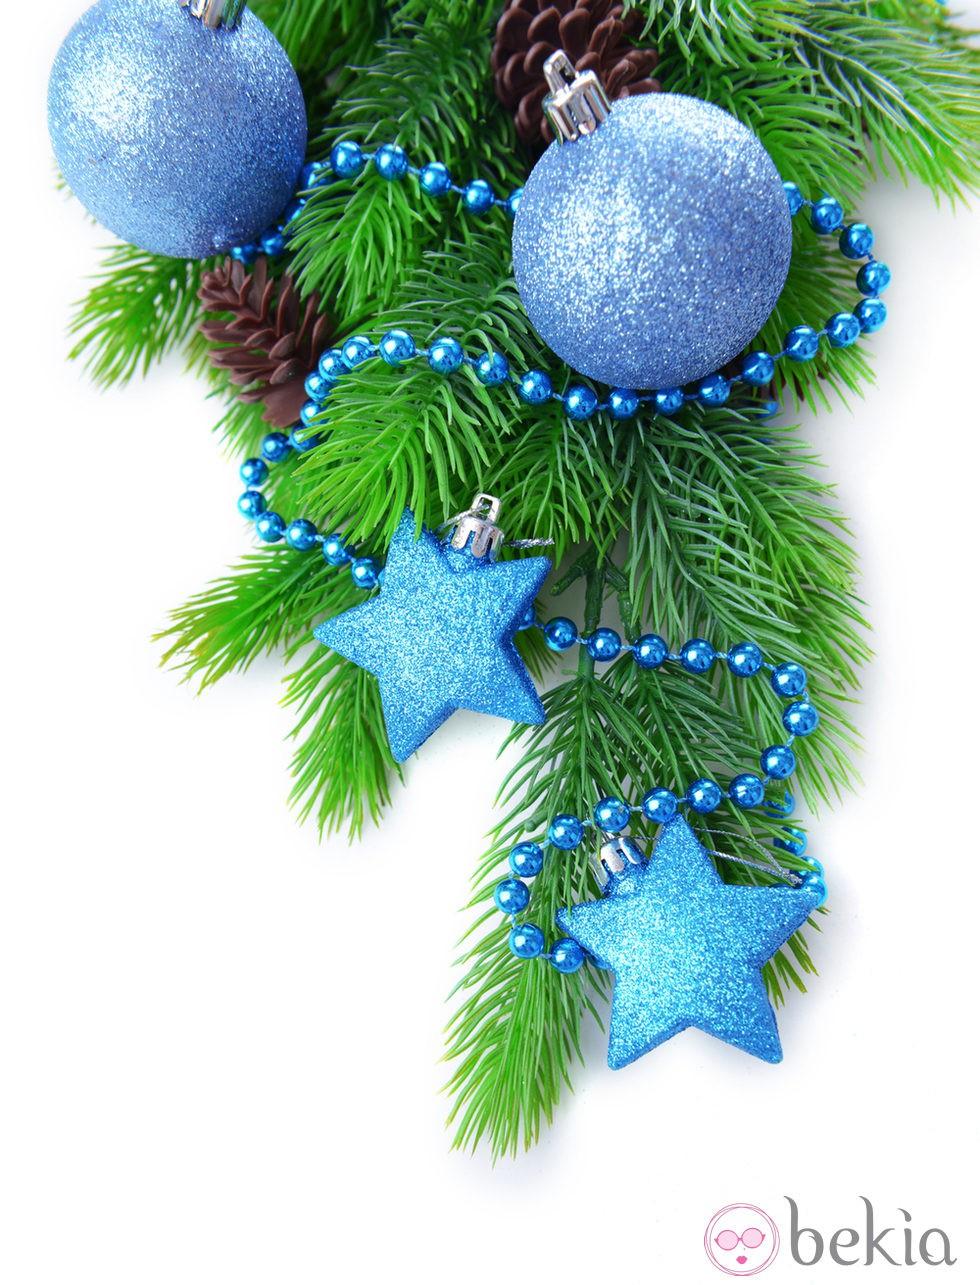 Rbol de navidad decorado en color azul ideas para - Arboles de navidad decorados 2013 ...